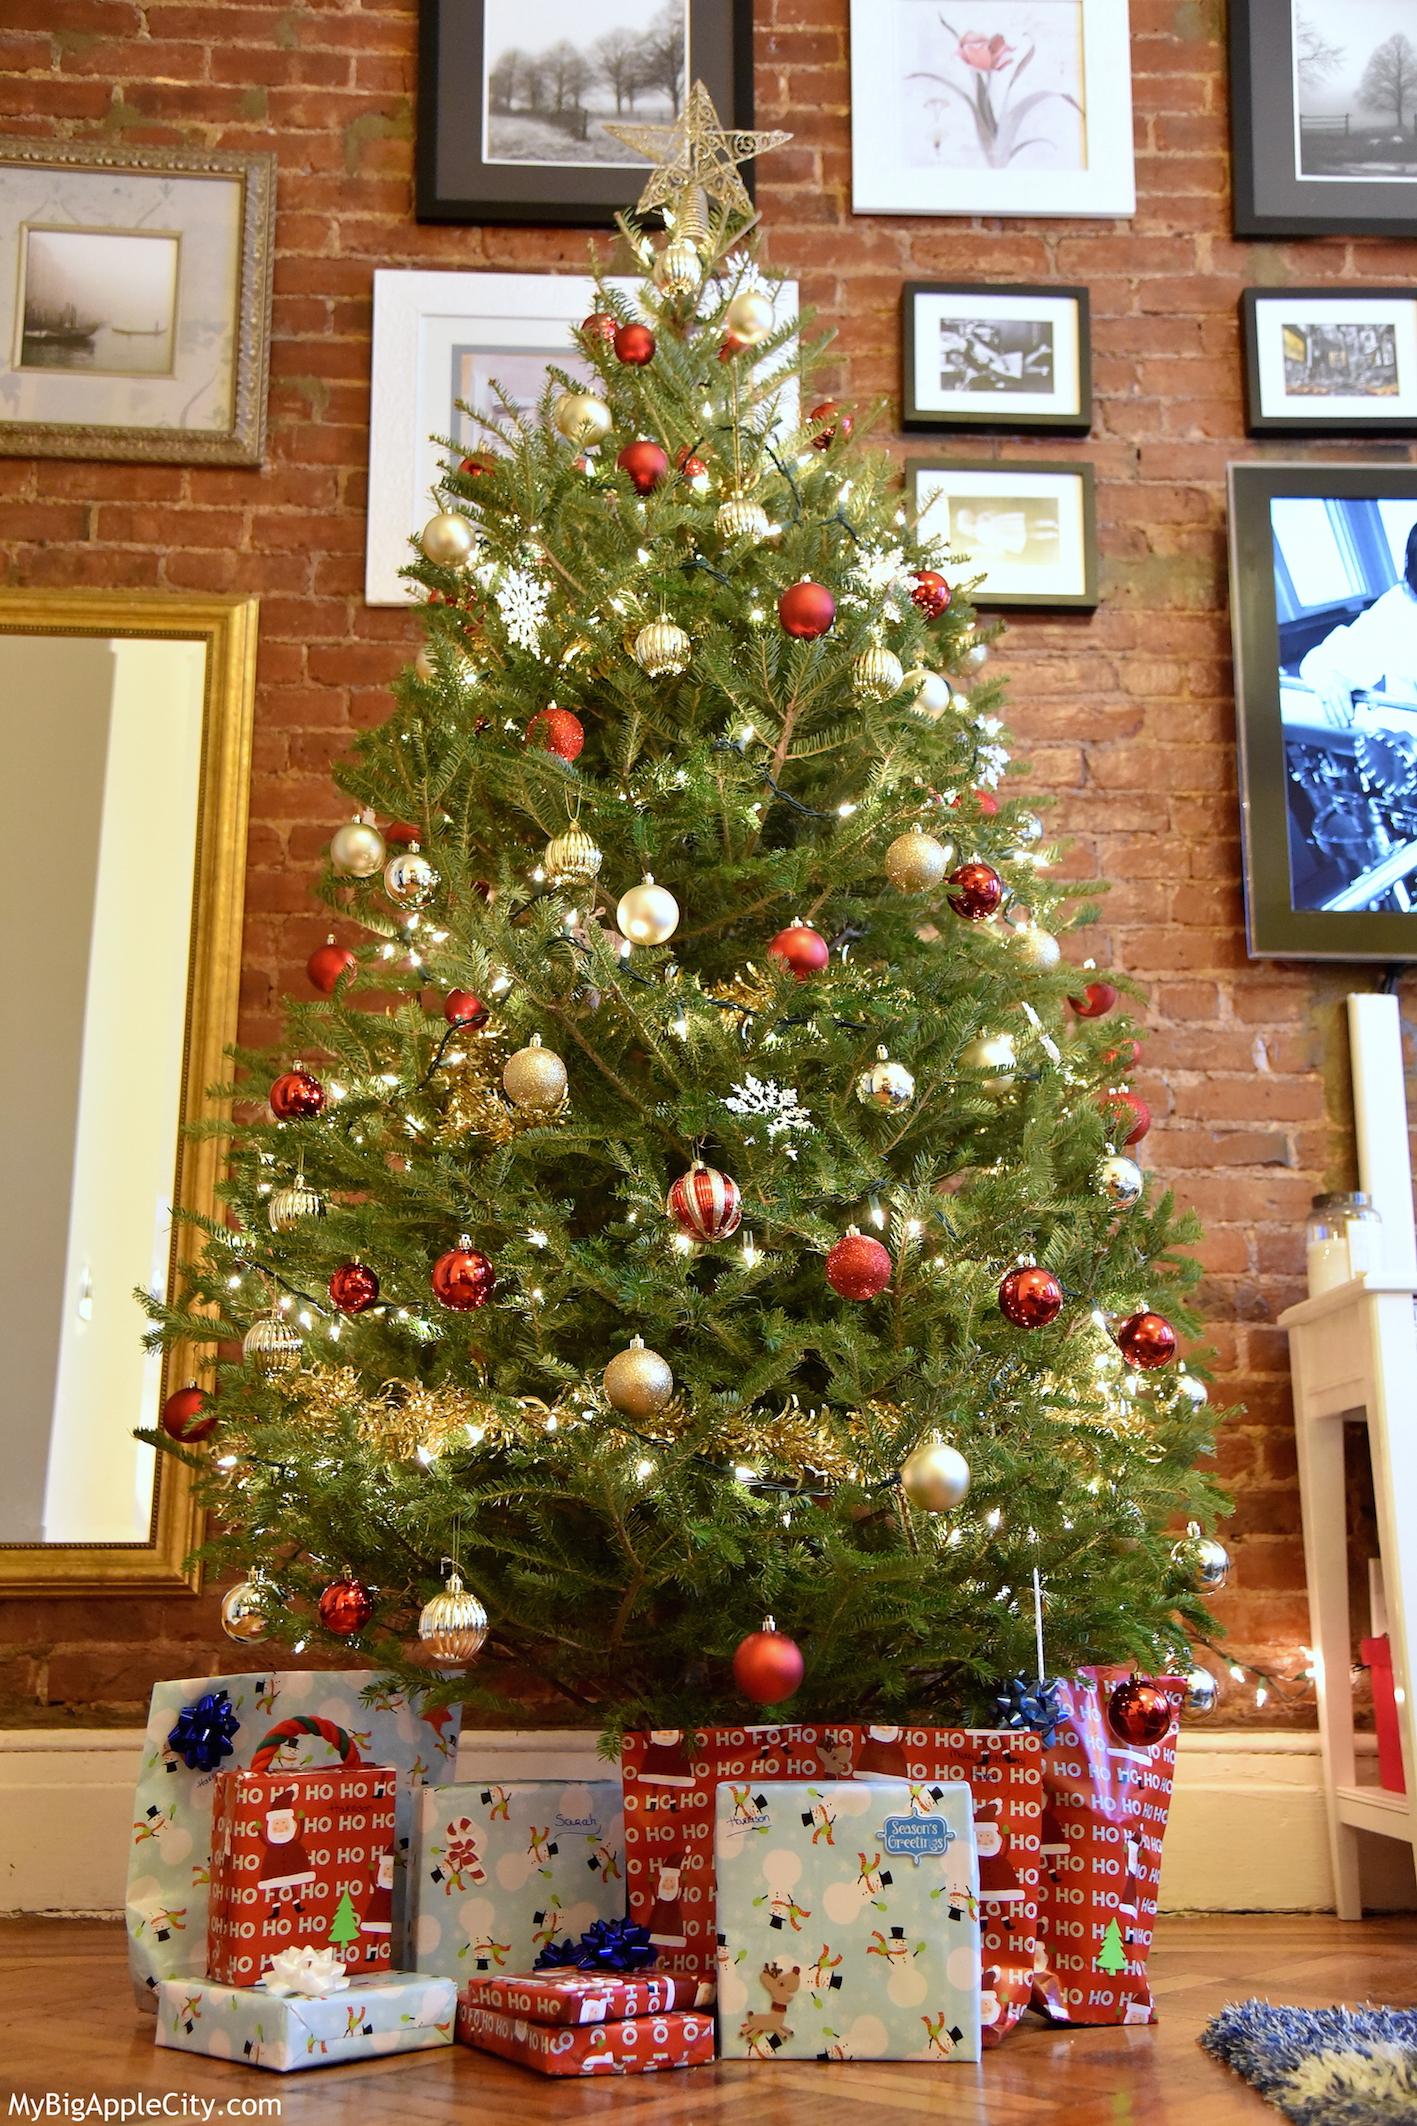 Fashion-Lifestyle-Blogger-interior-NYC-Christmas-MyBigAppleCity